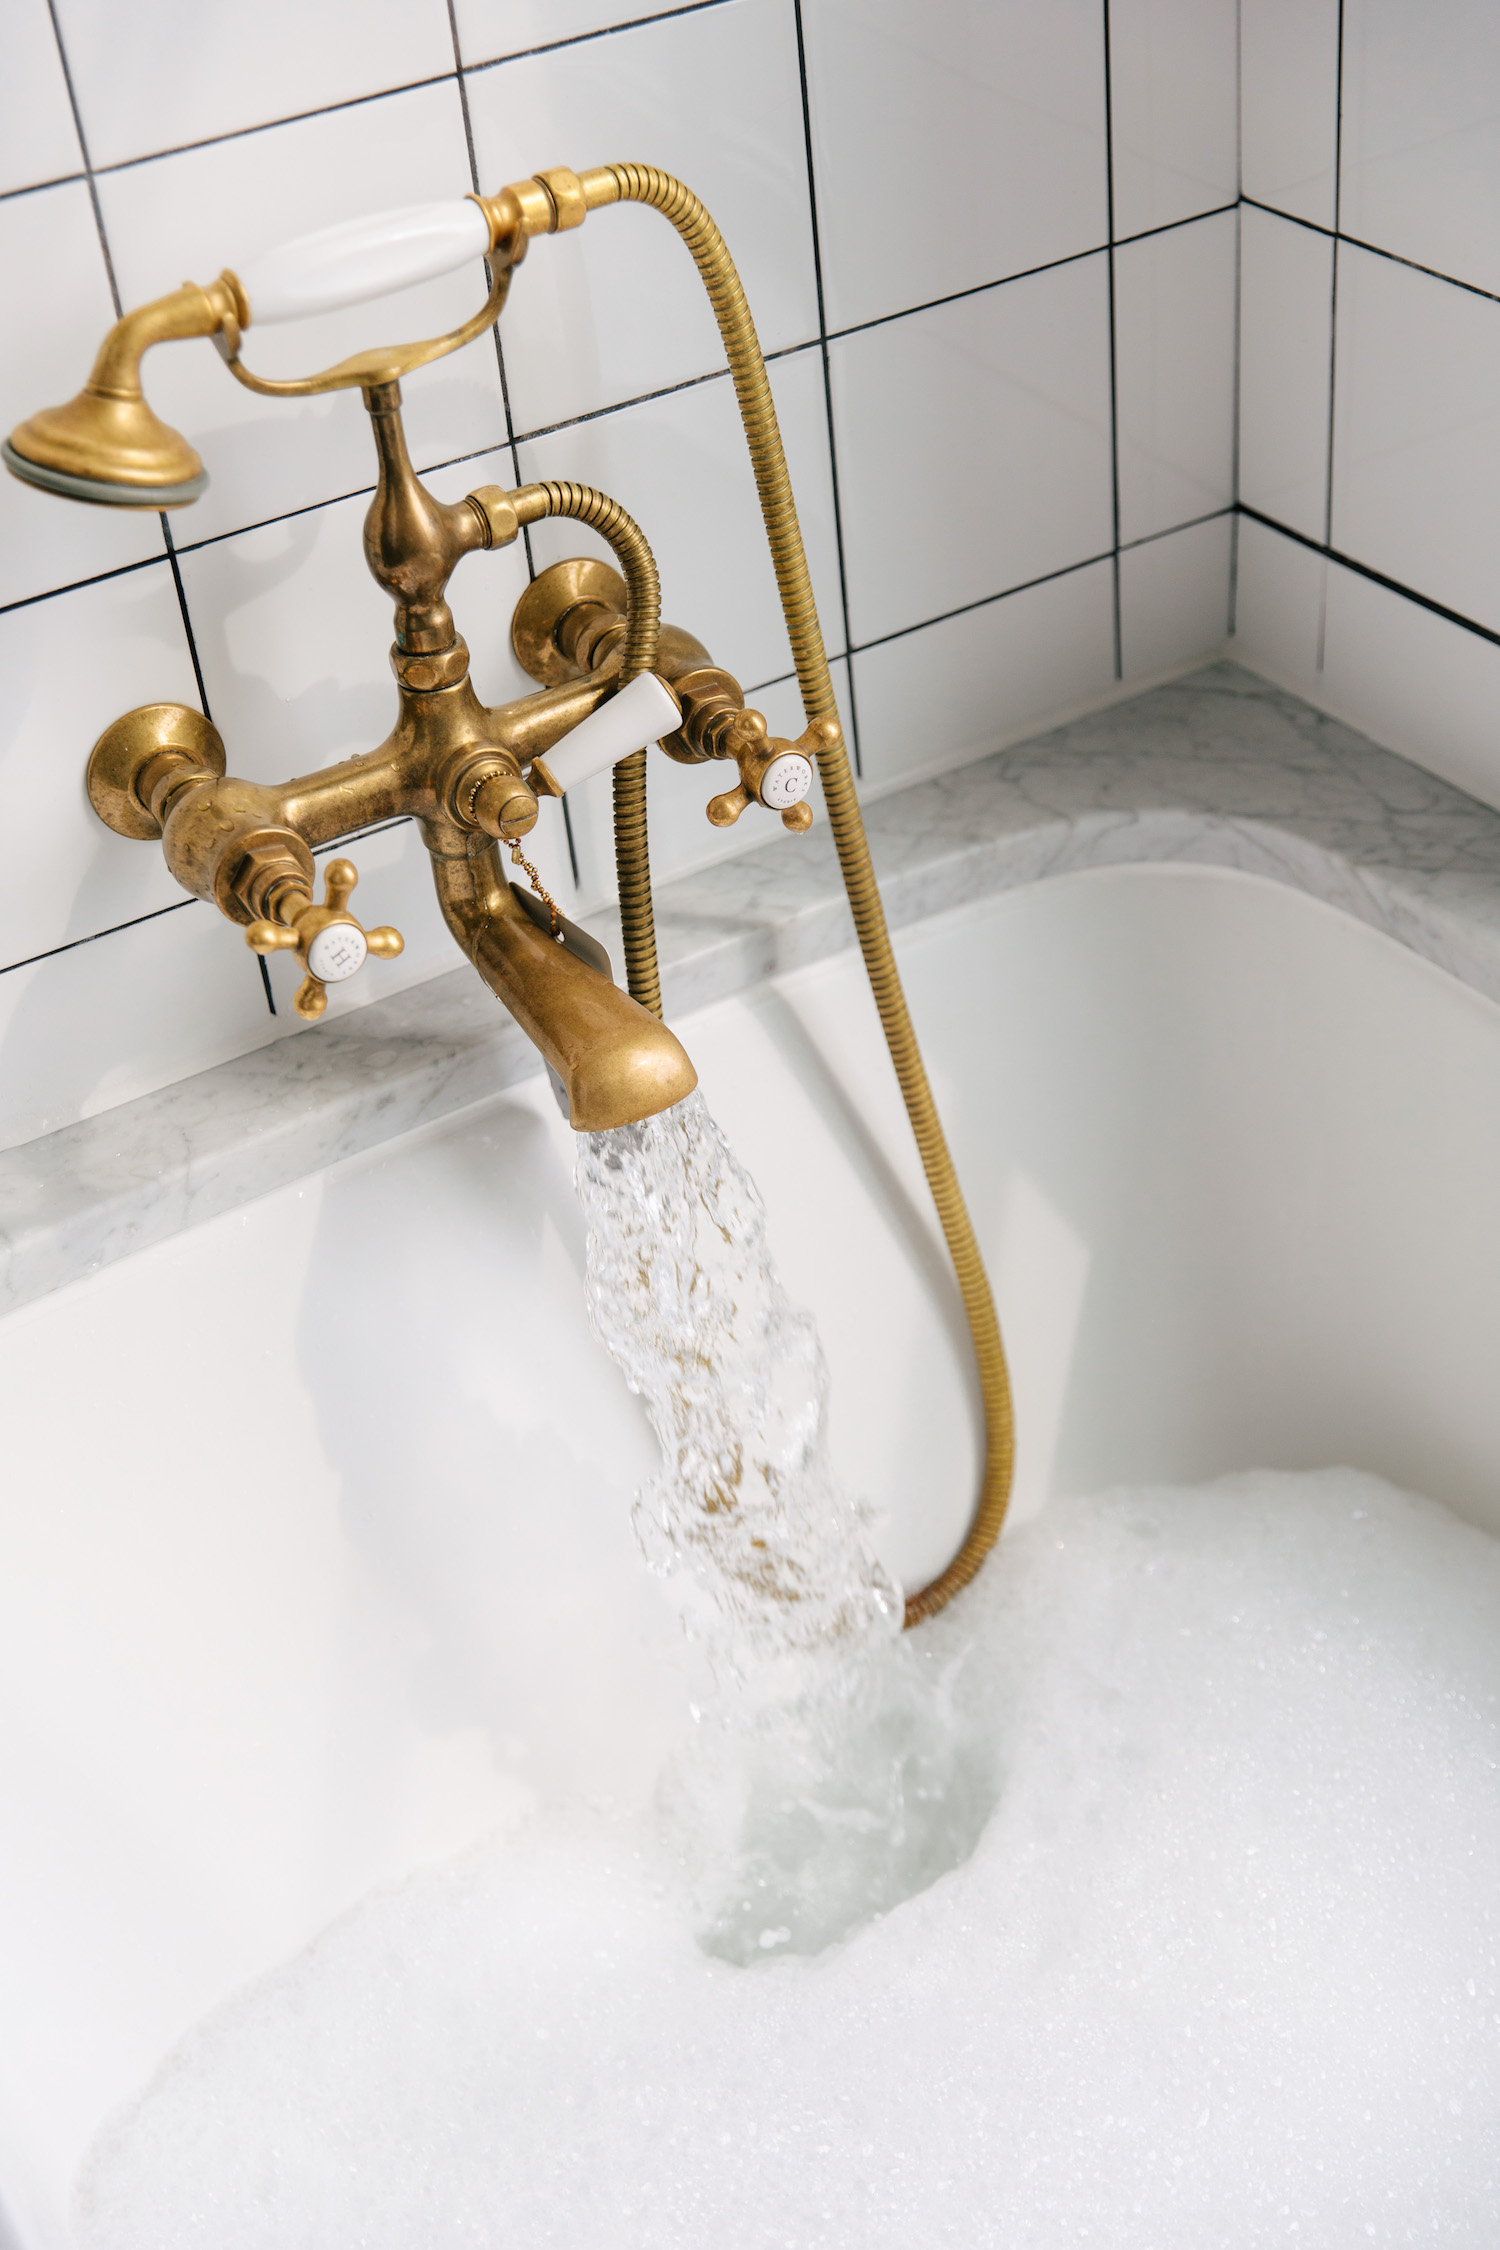 The Ludlow Hotel Bath tub